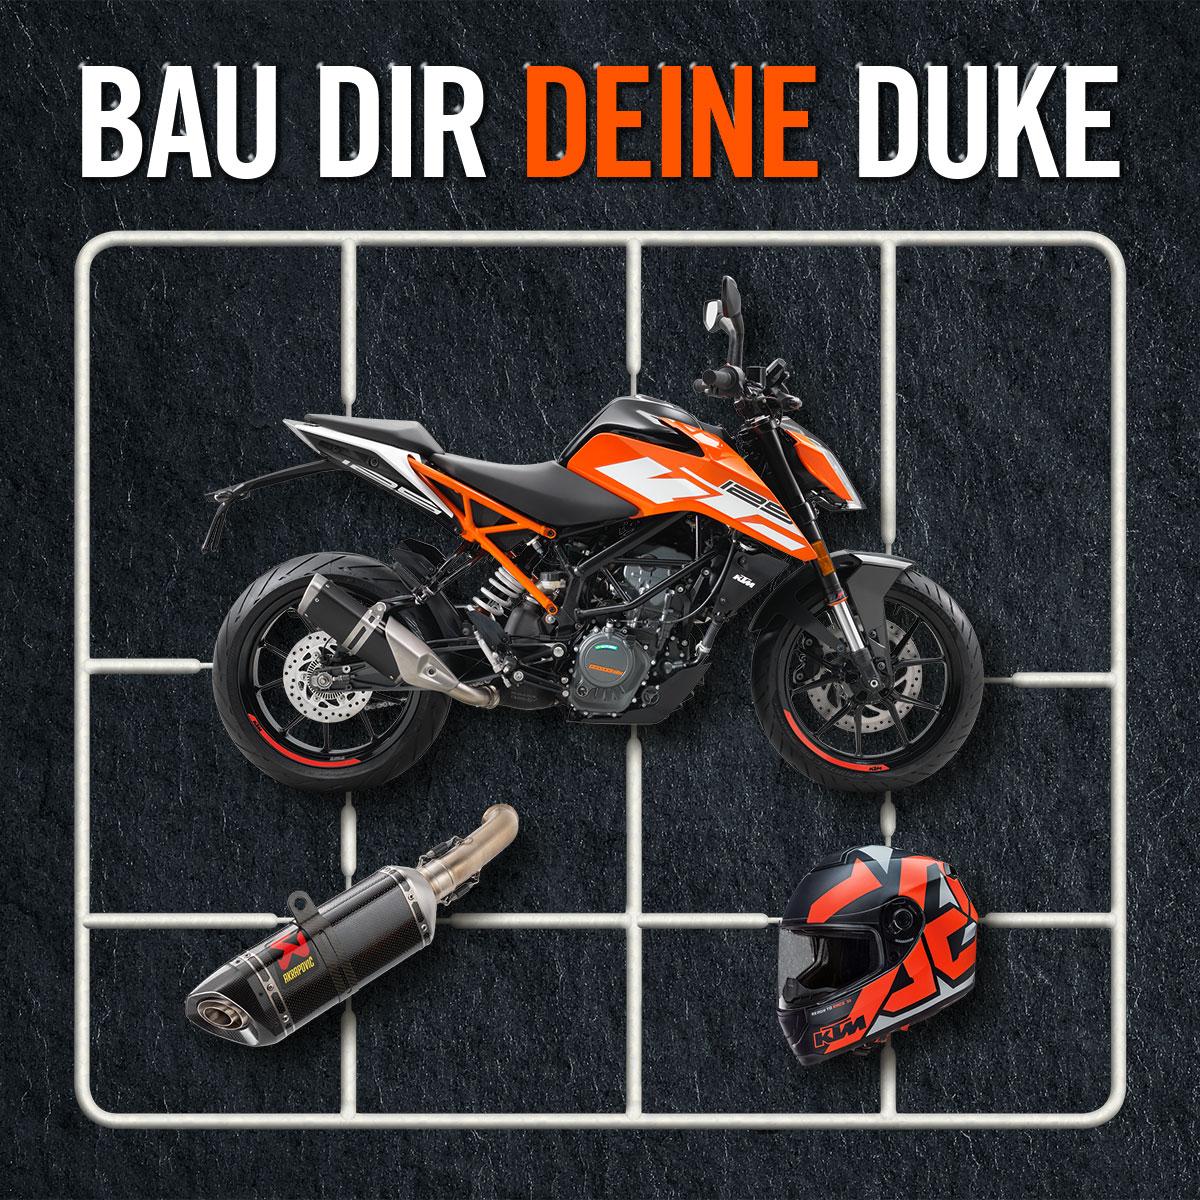 BAU DIR DEINE DUKE SONDERAKTION